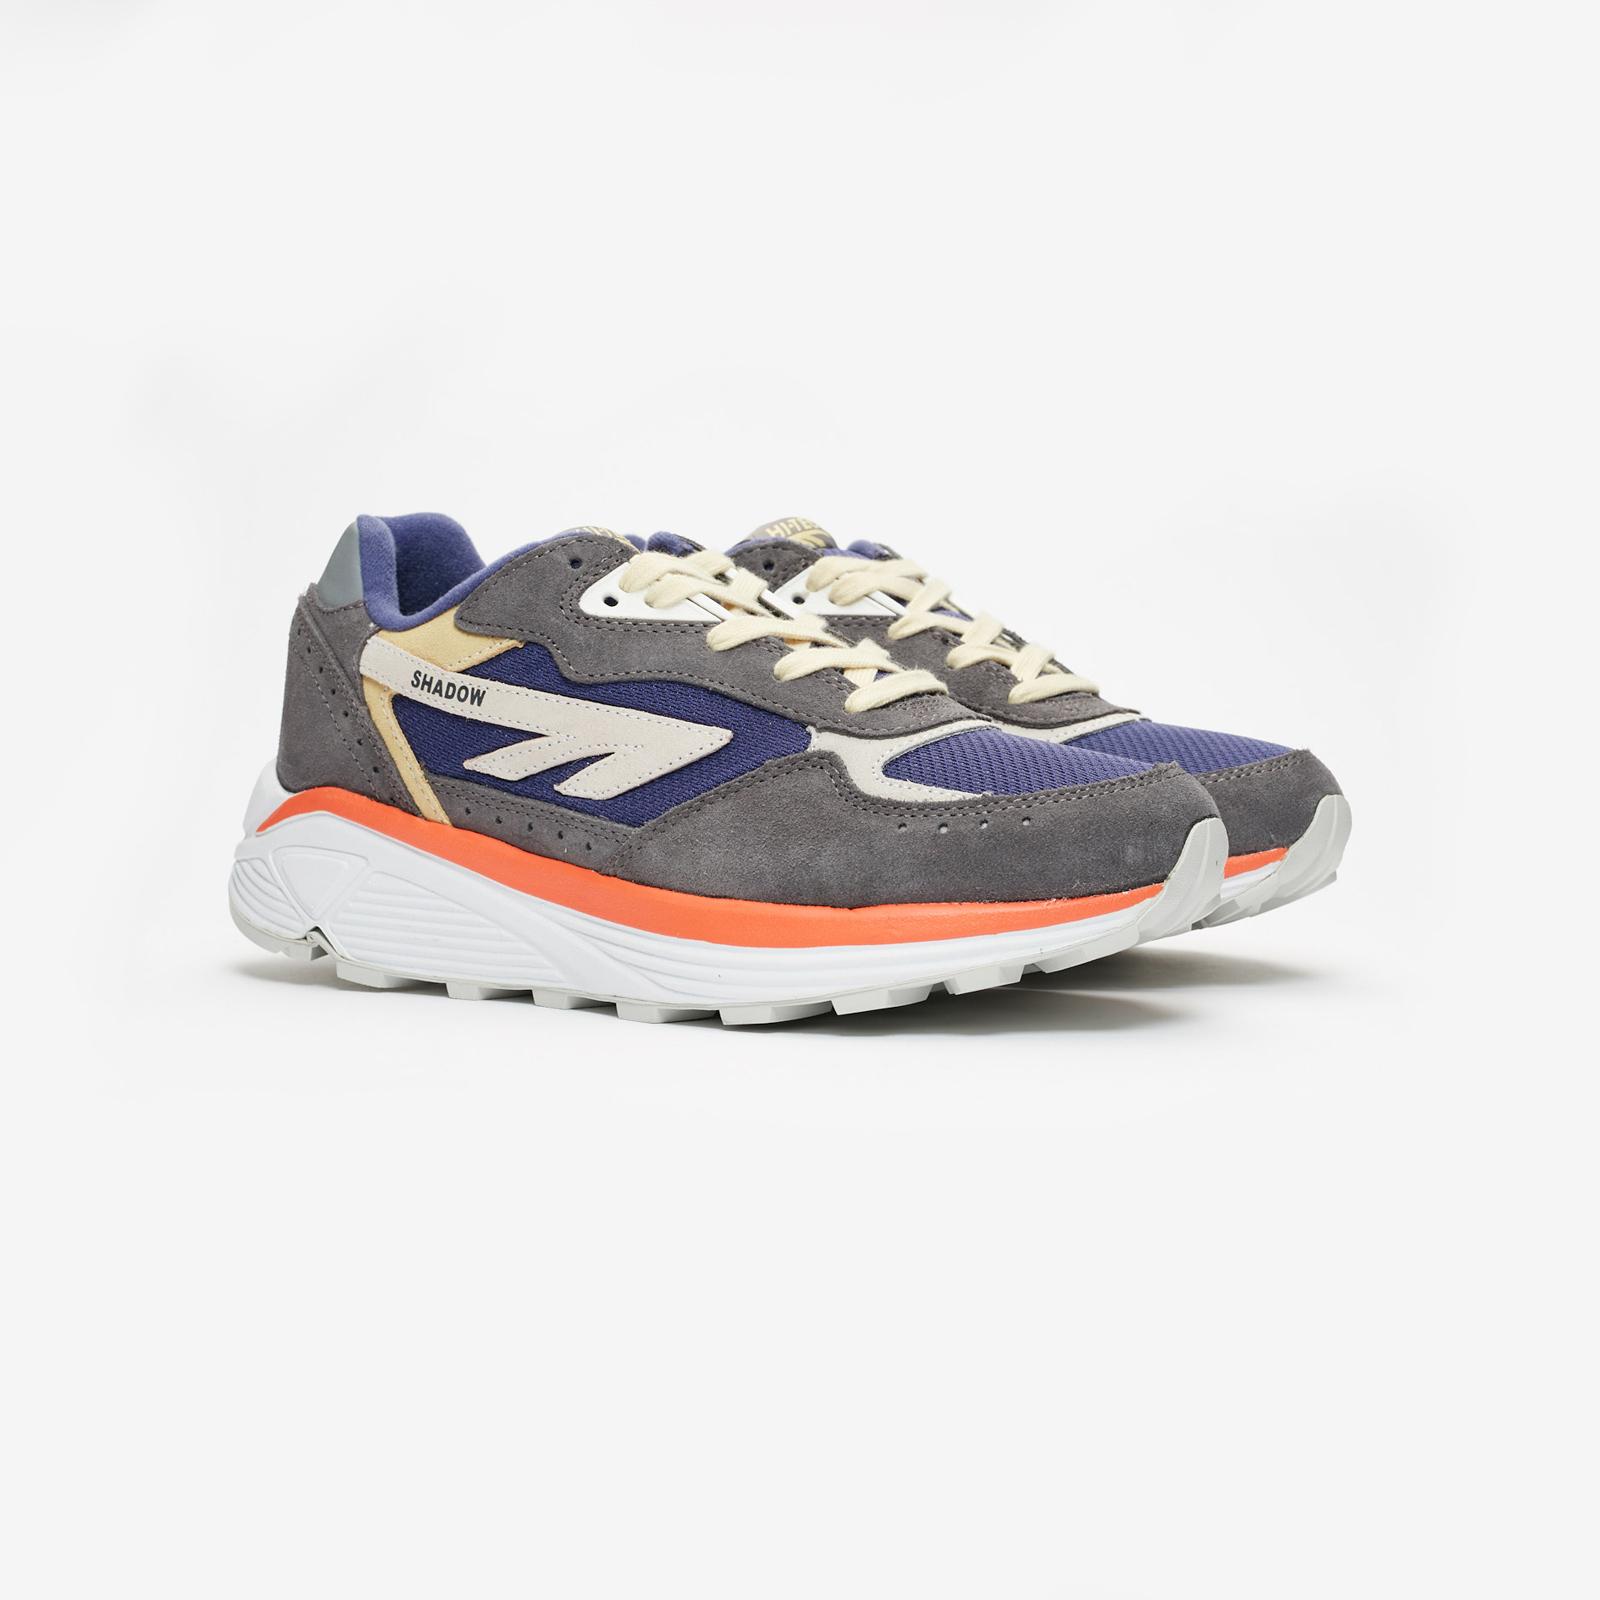 9304e260055 Hi-Tec HTS Silver Shadow RGS - 006273-052 - Sneakersnstuff ...